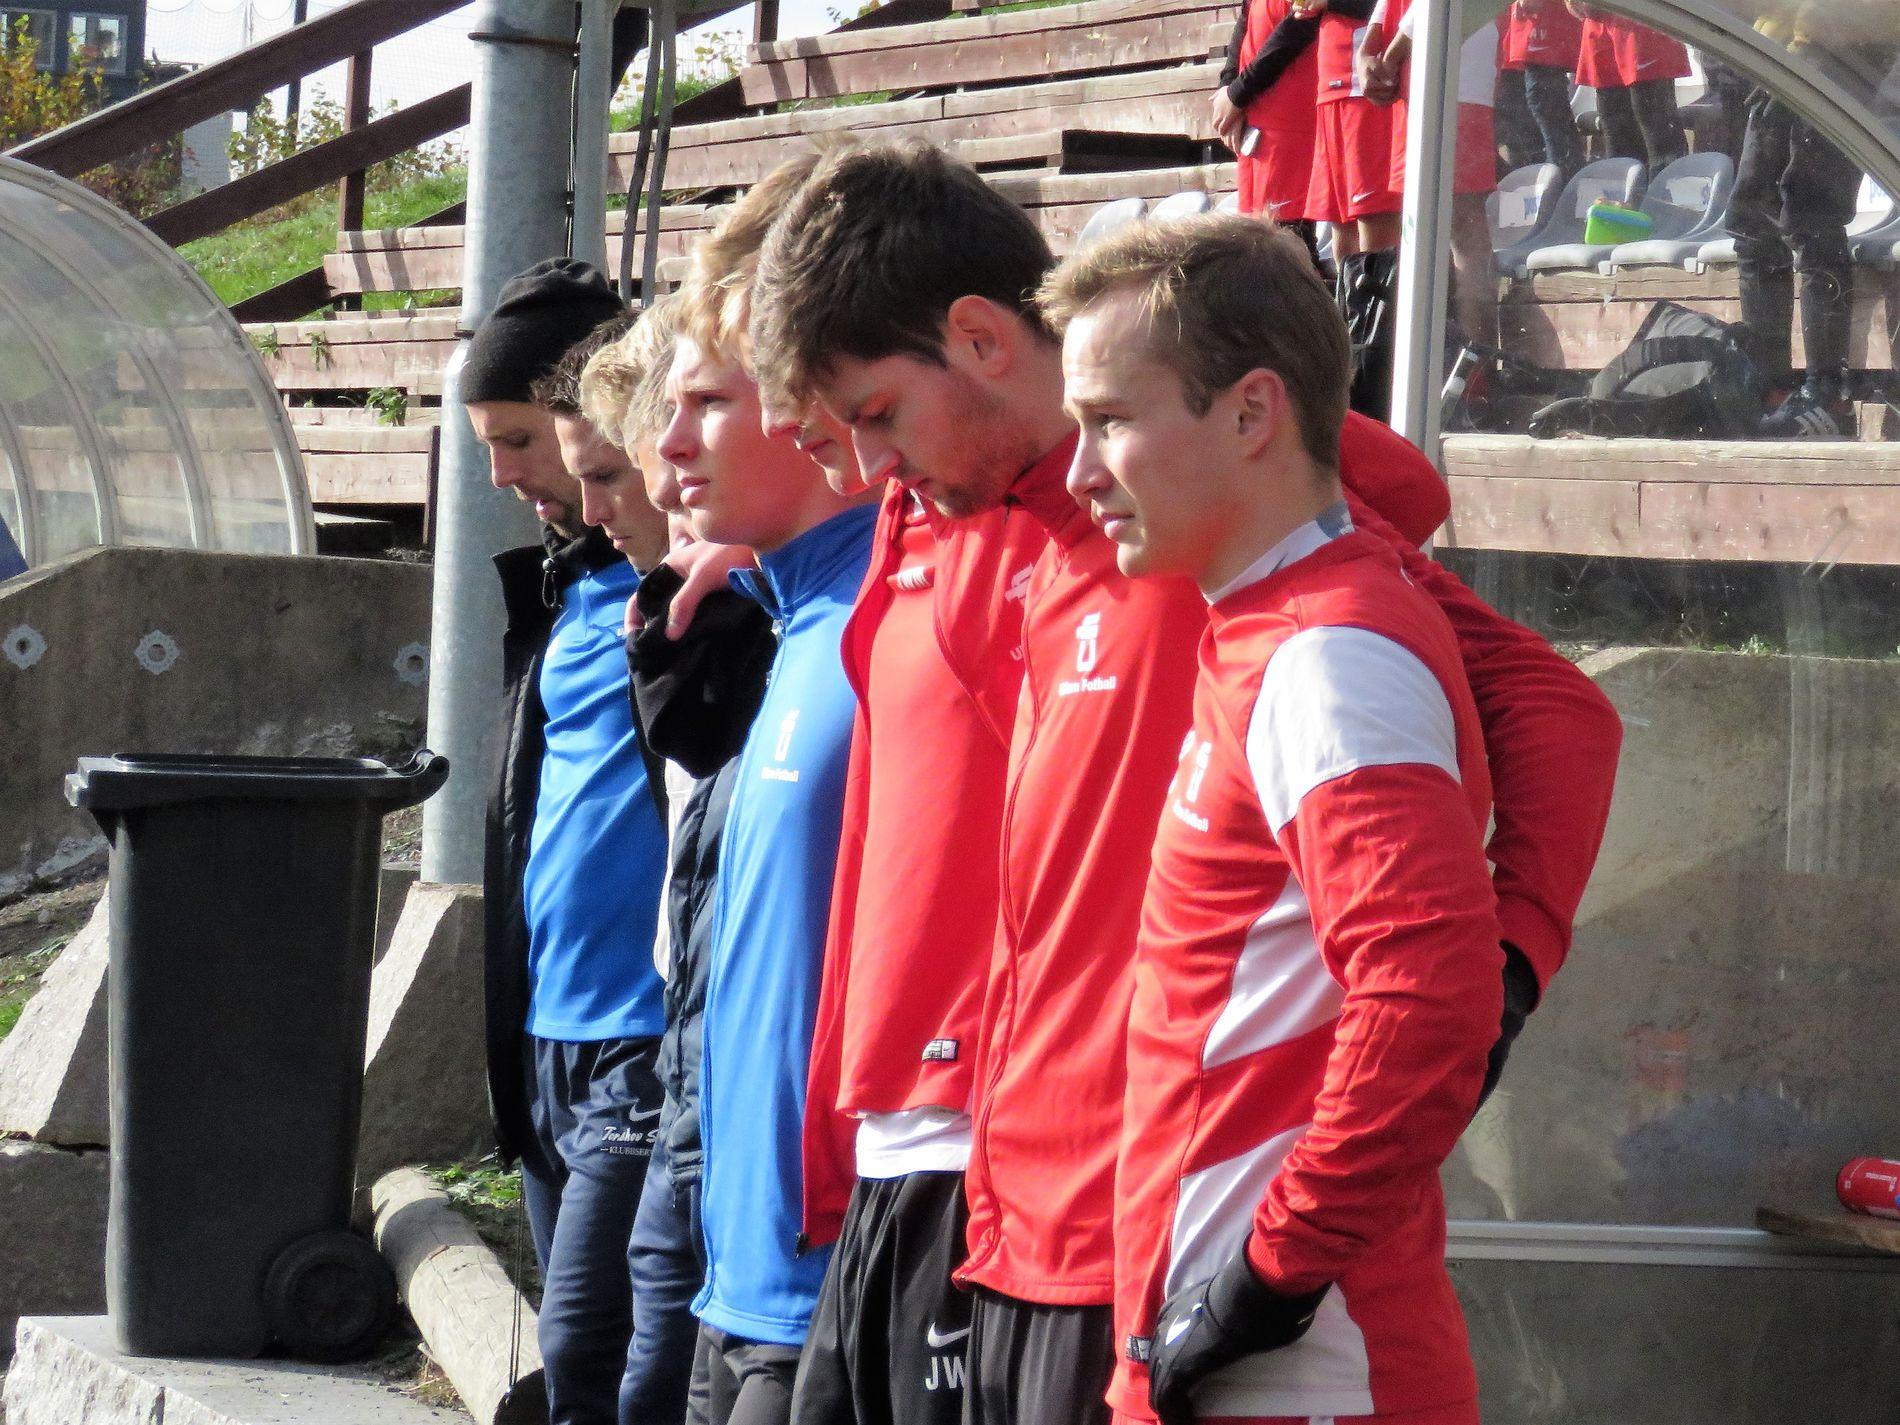 PREGET: Ullern IL har ett minutts stillhet for Heikki Bjørklund Paltto, før en kamp lørdag ettermiddag. Flere med tilknytning til laget var nære venner av Paltto.